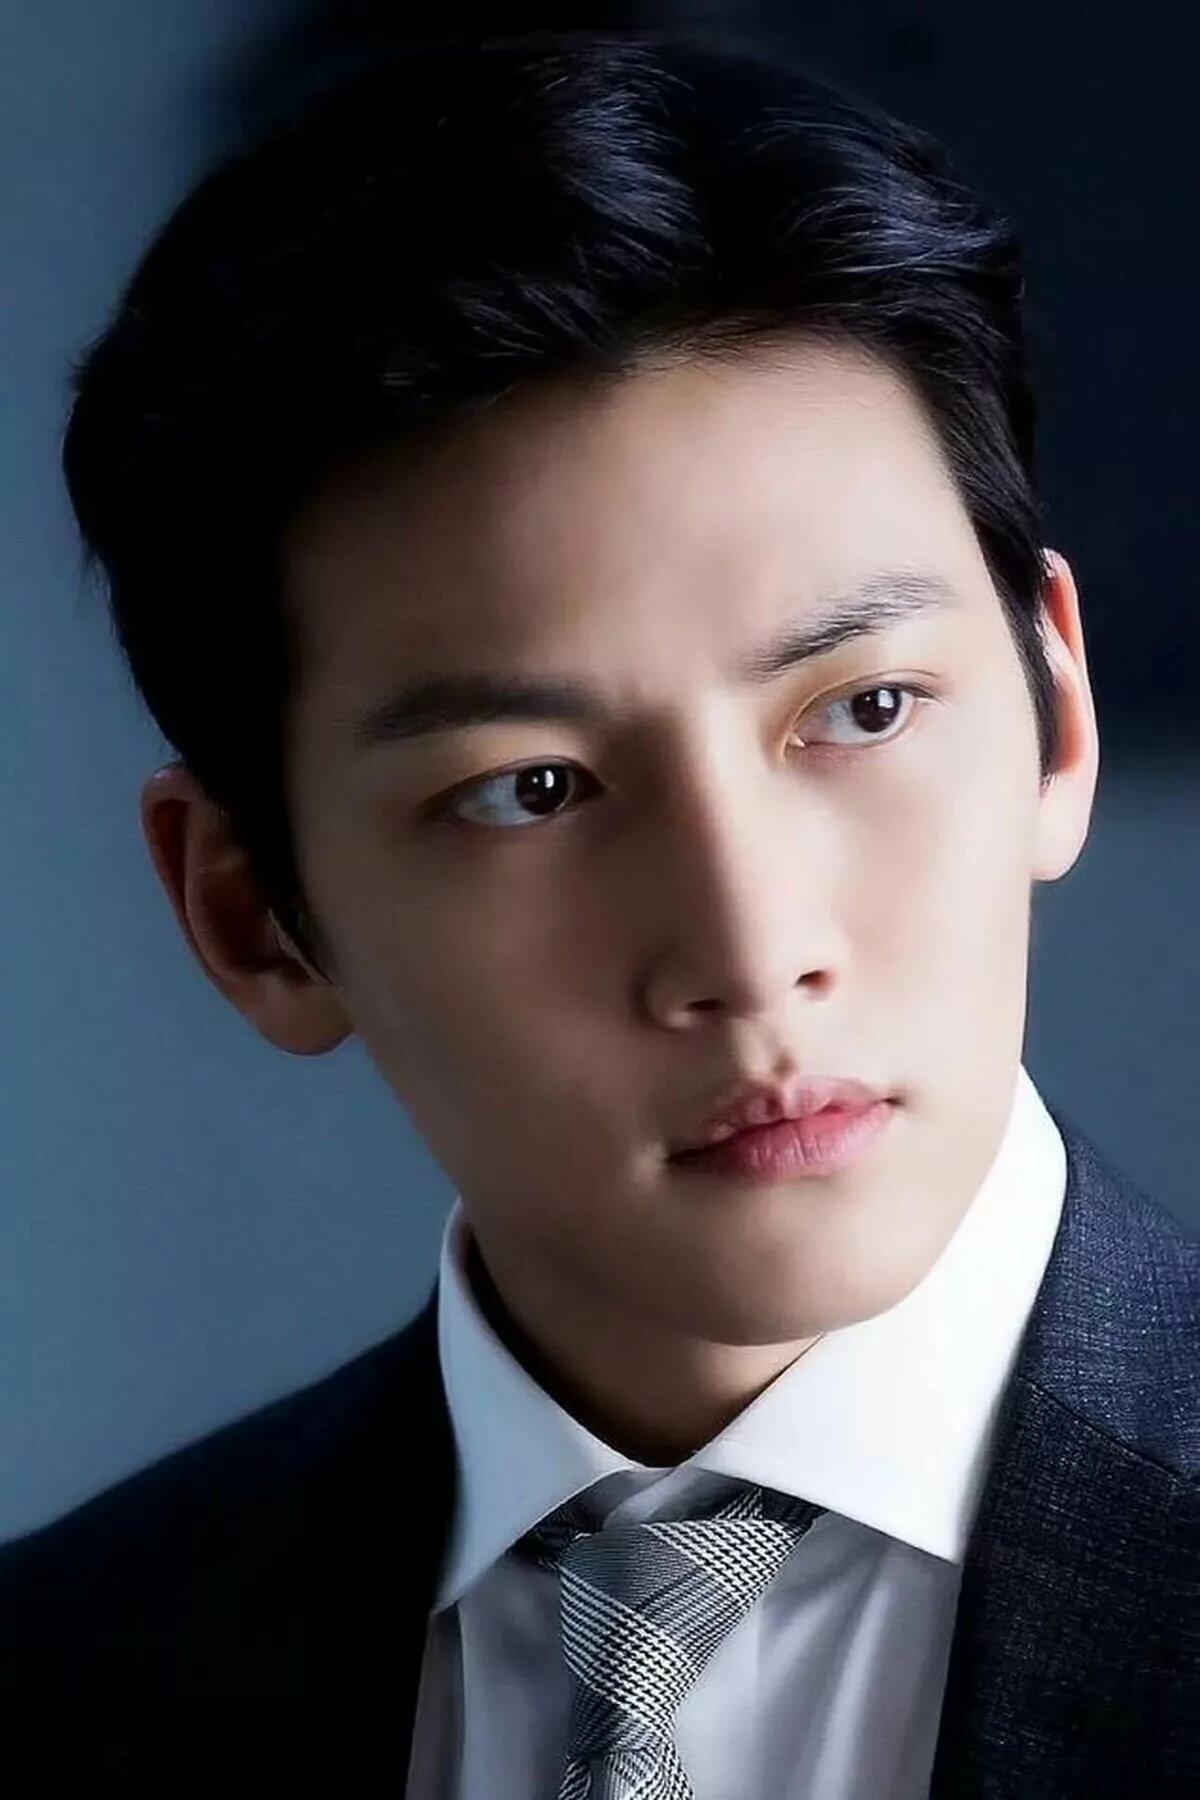 картинки корейских всех актеров осень